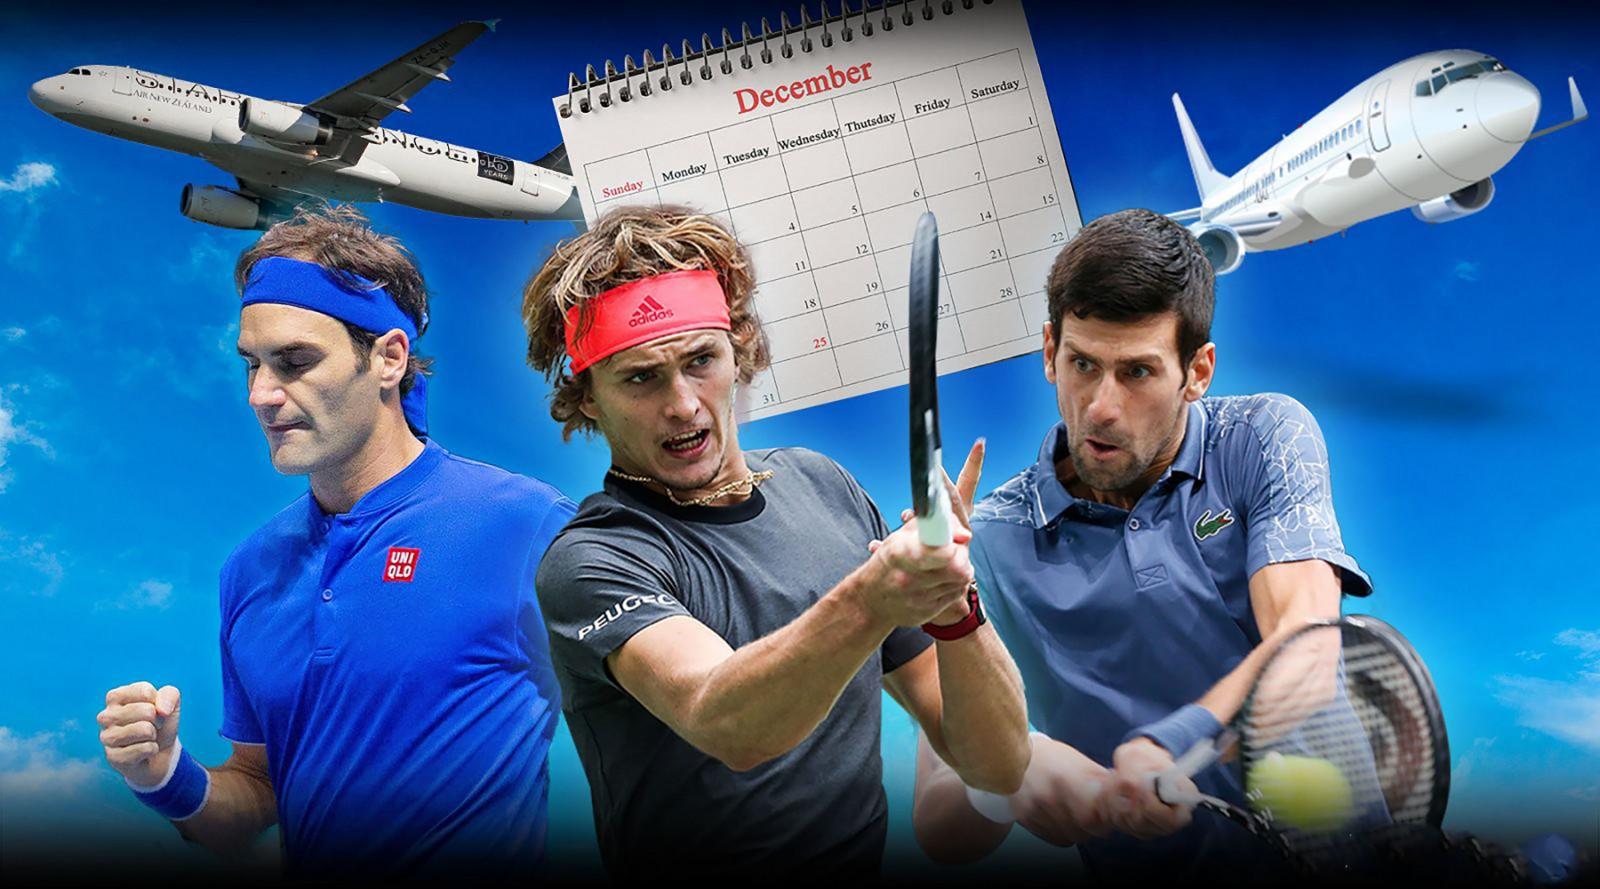 Cuộc đấu của Ferderer, tay vợt trẻ Alex Zverev và Djokovic (từ trái qua) hứa hẹn gay cấn trong năm 2019.